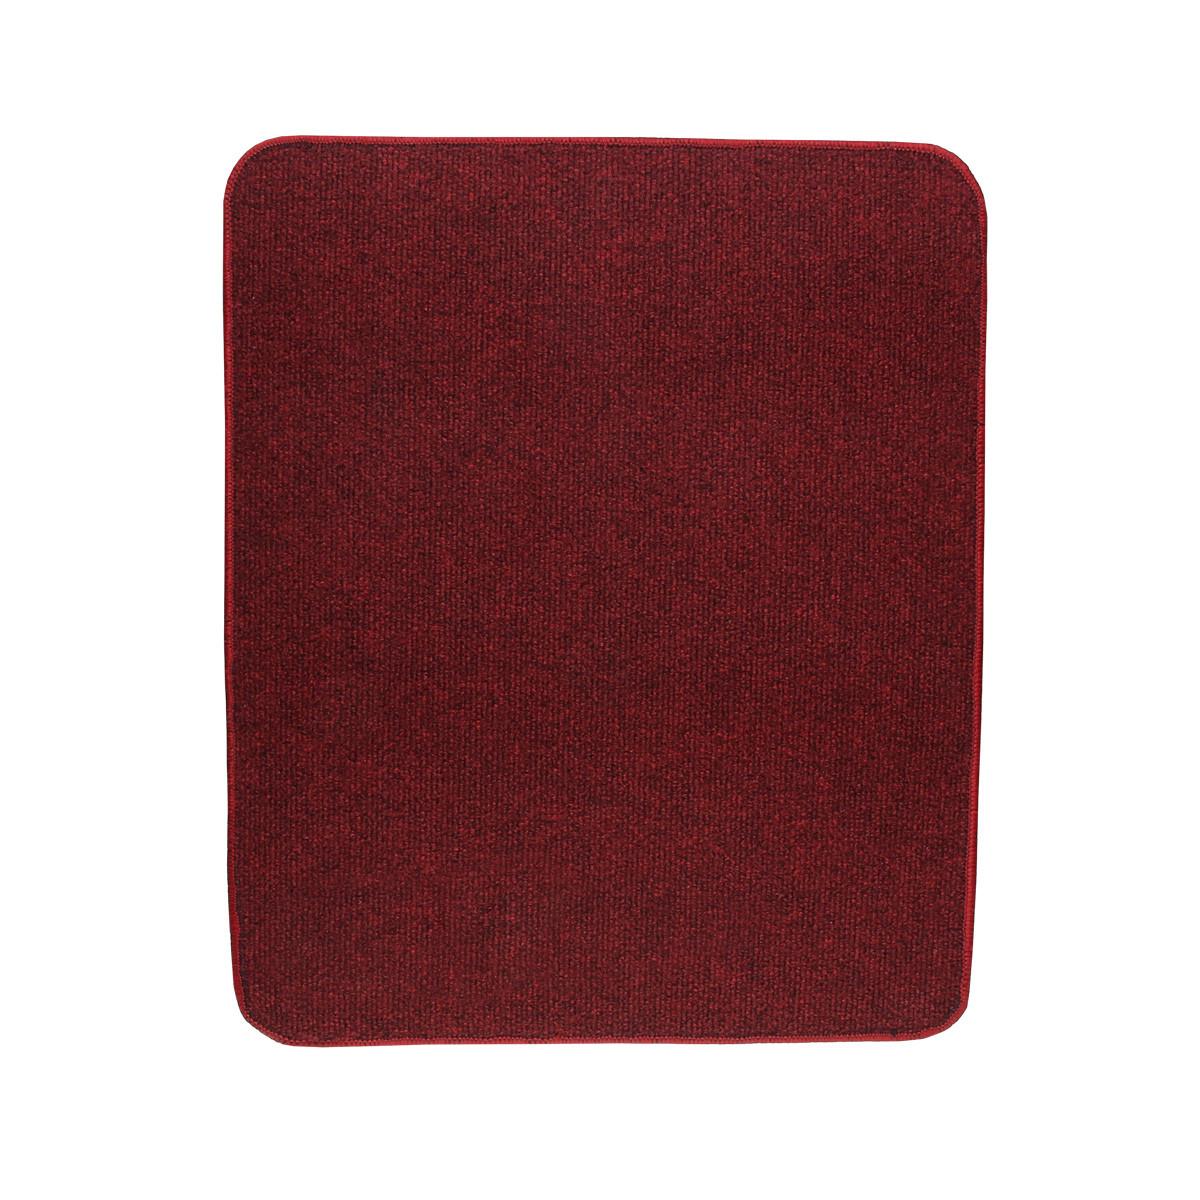 Електричний килимок з підігрівом Теплик з термоізоляцією 50 х 60 см Темно-червоний